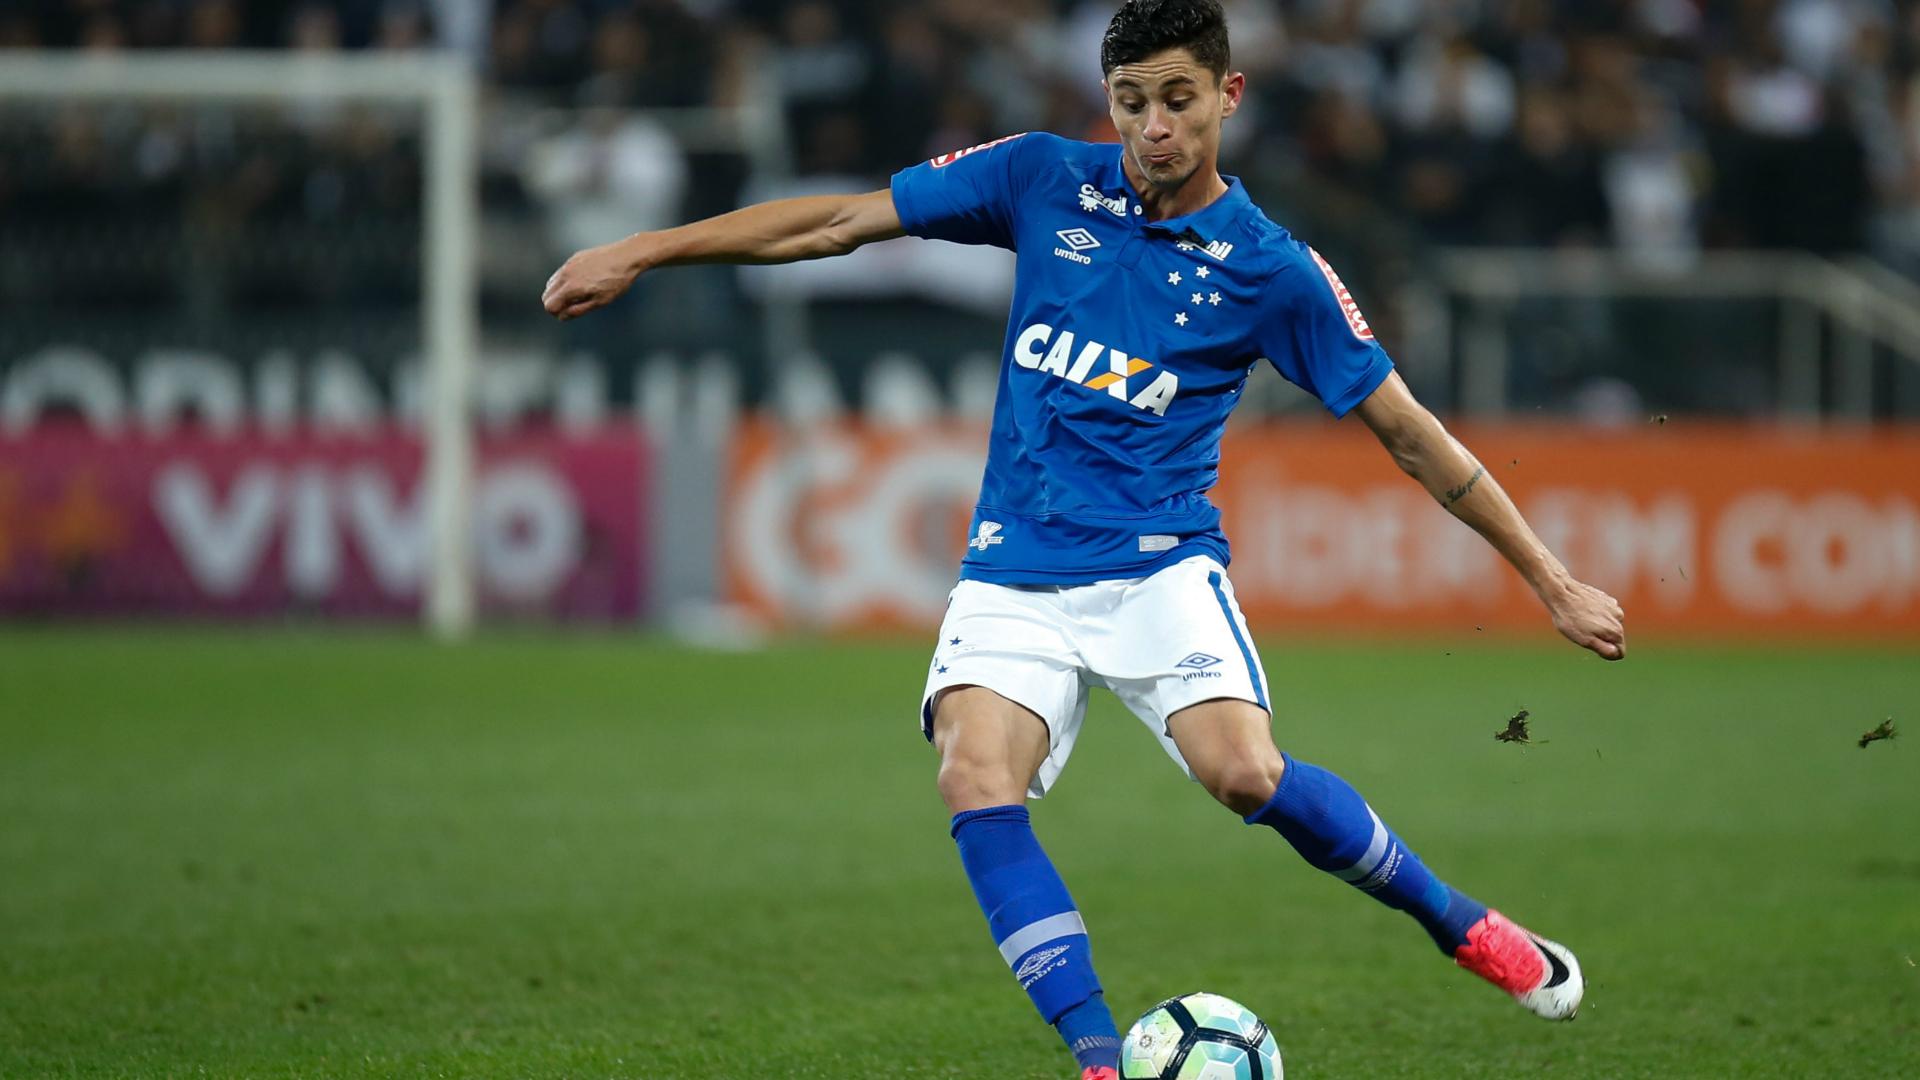 Diogo Barbosa Corinthians Cruzeiro Campeonato Brasileiro 14062017